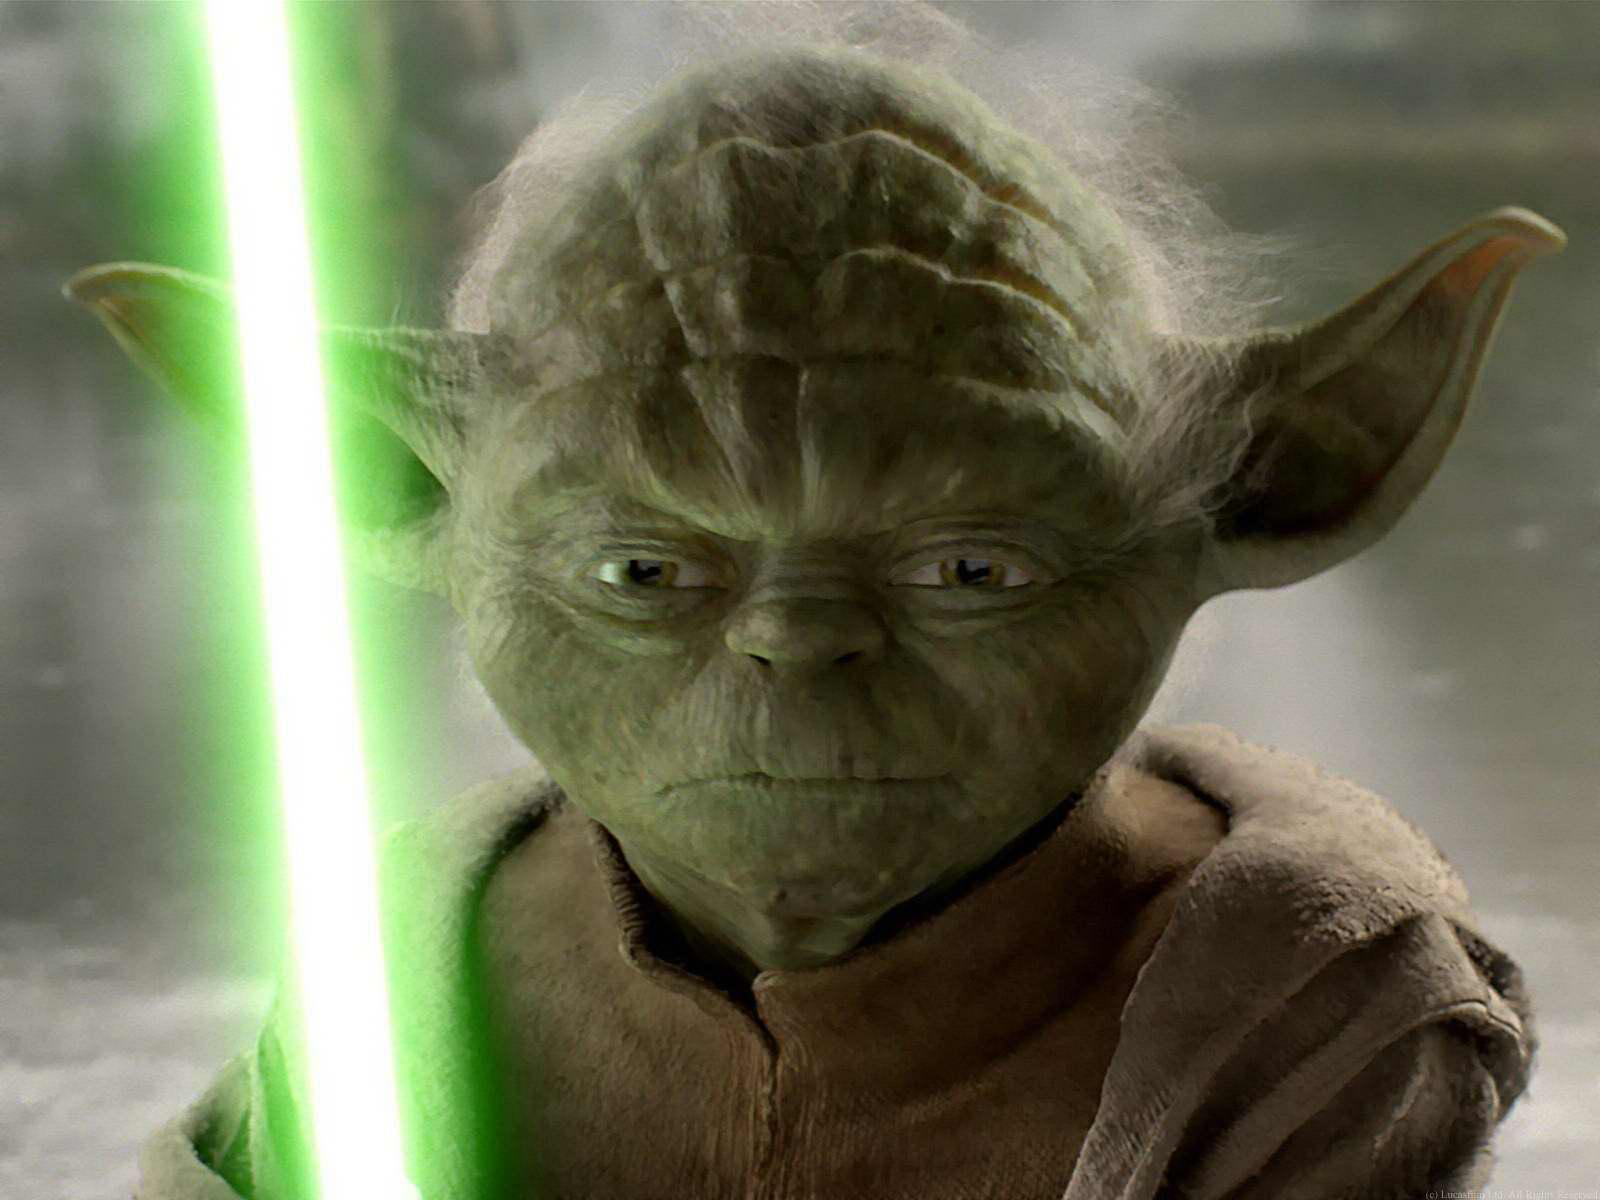 Joda Star Wars